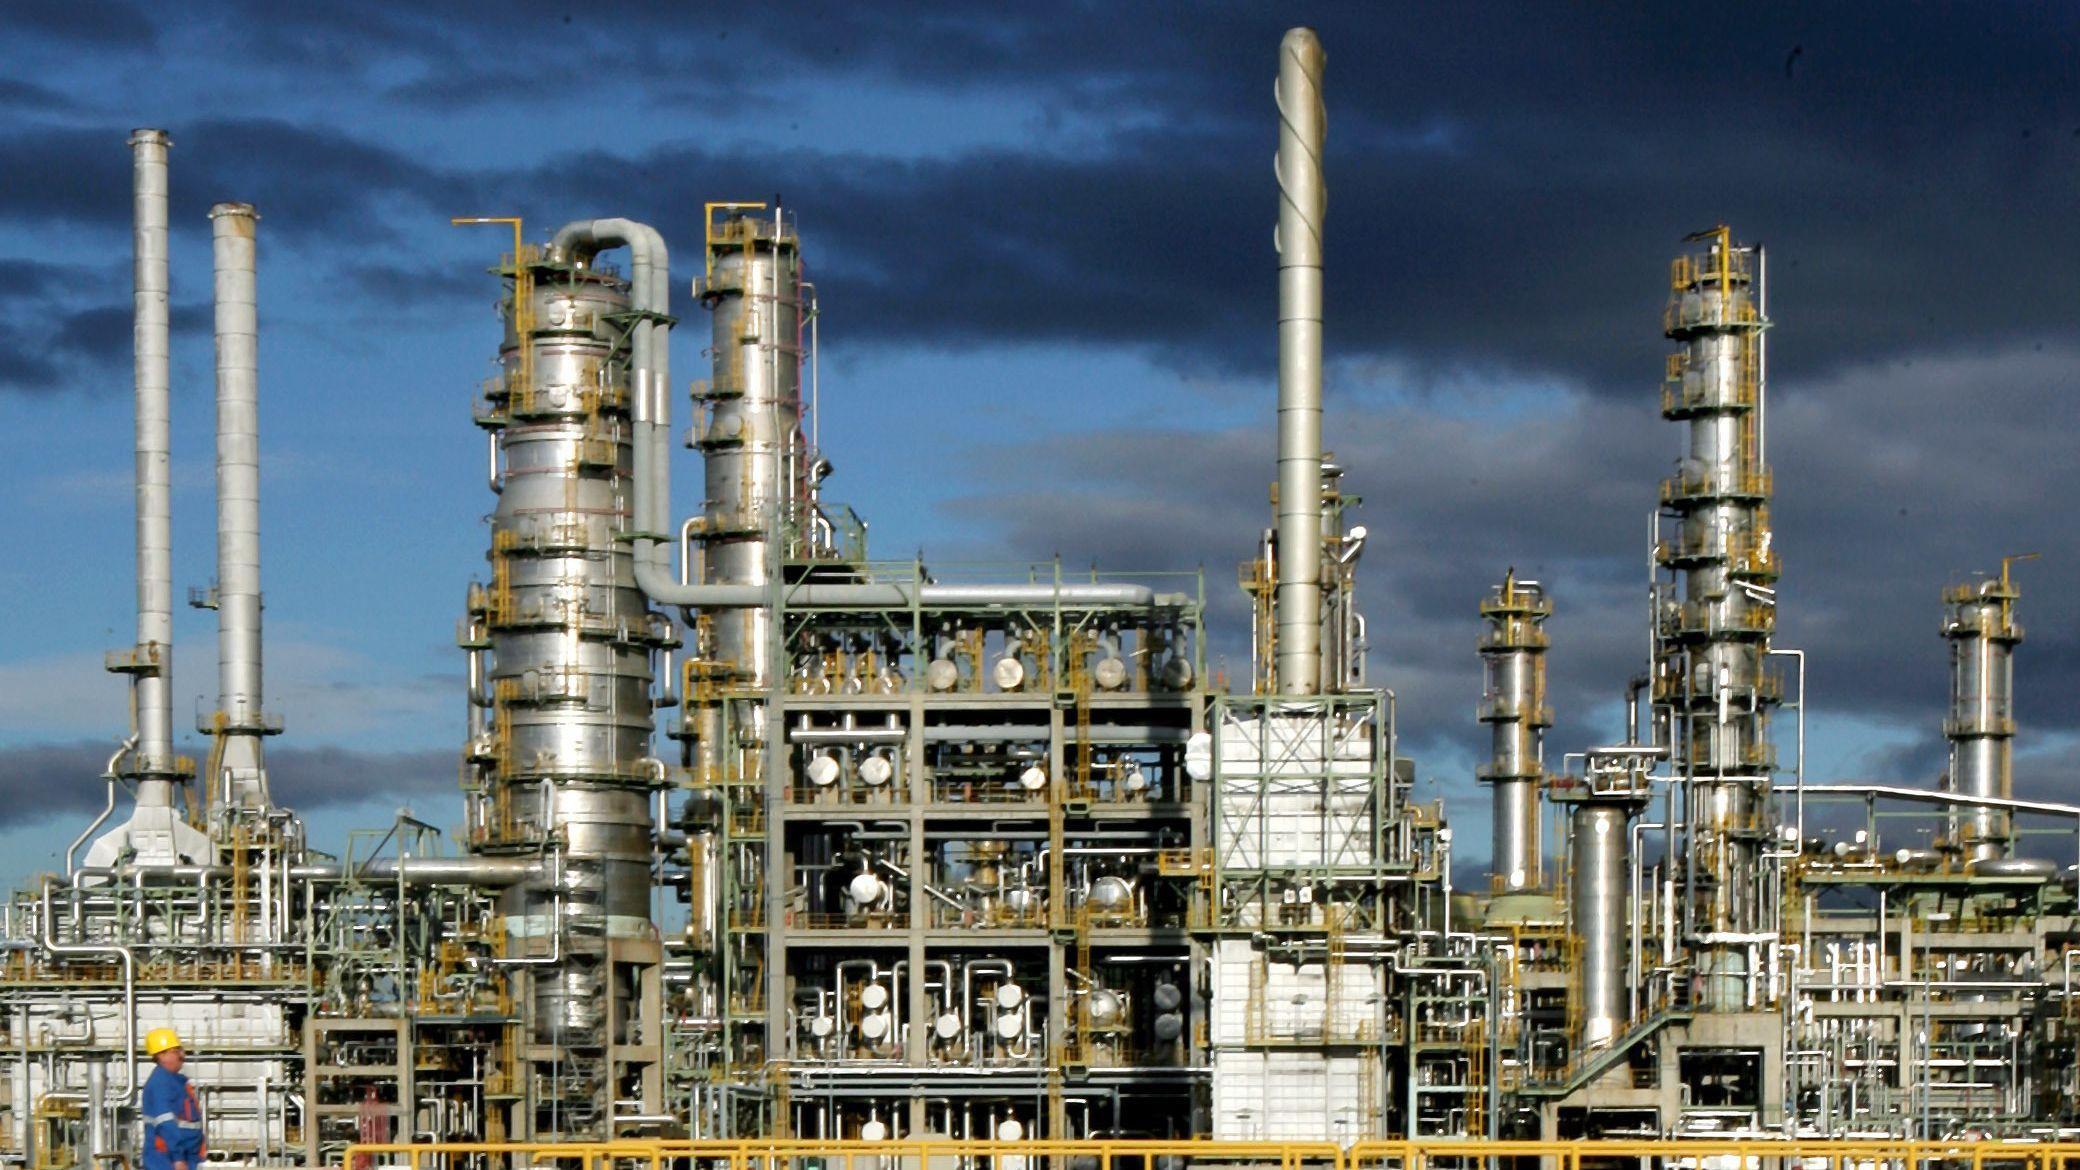 Die TOTAL Raffinerie Leuna